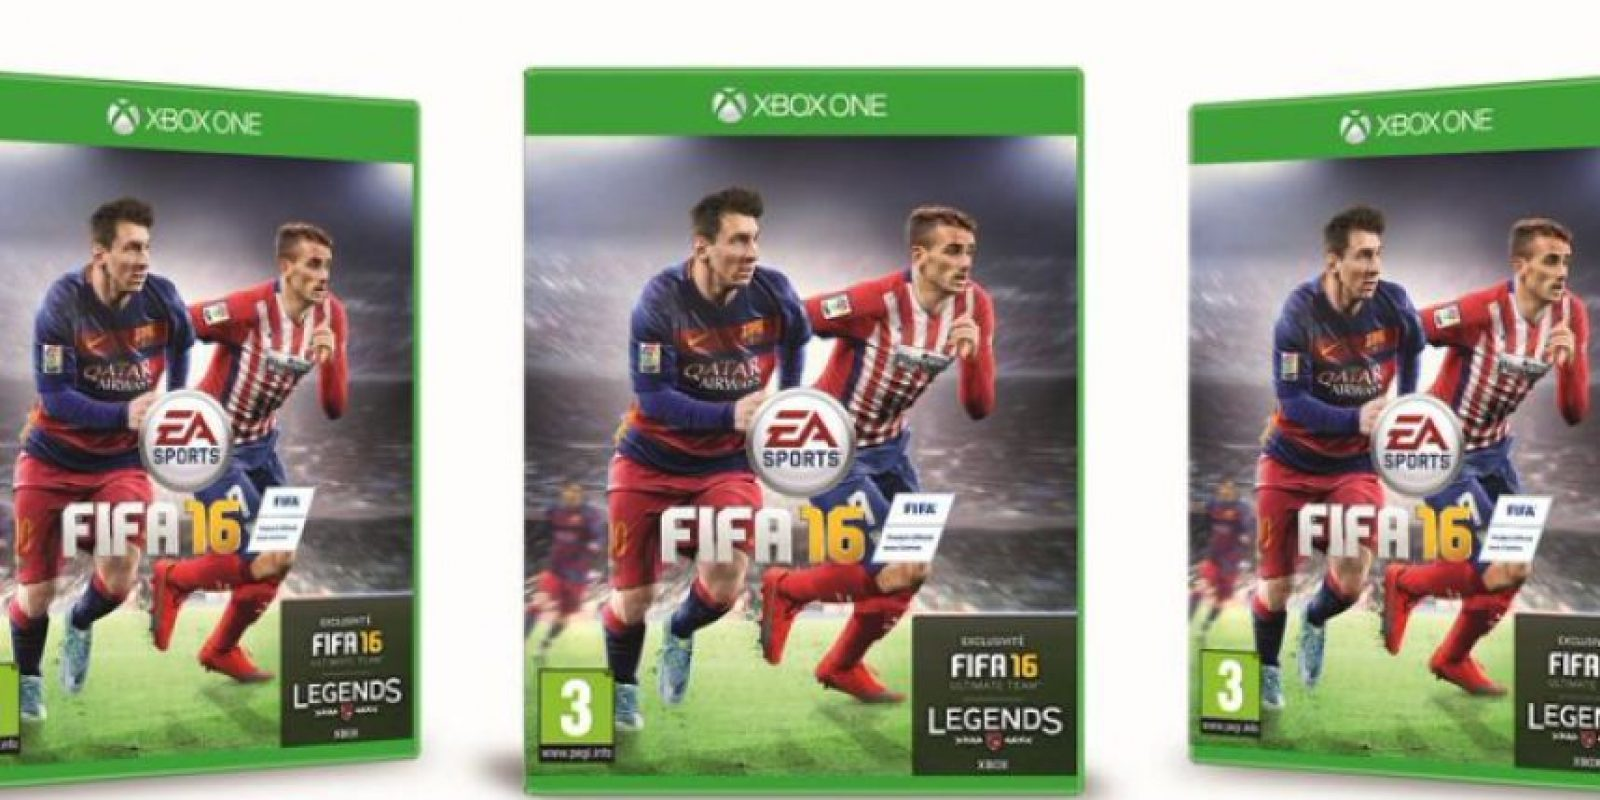 Antoine Griezmann ganó las votaciones para la portada oficial del juego en Francia Foto:twitter.com/Atleticoaldia